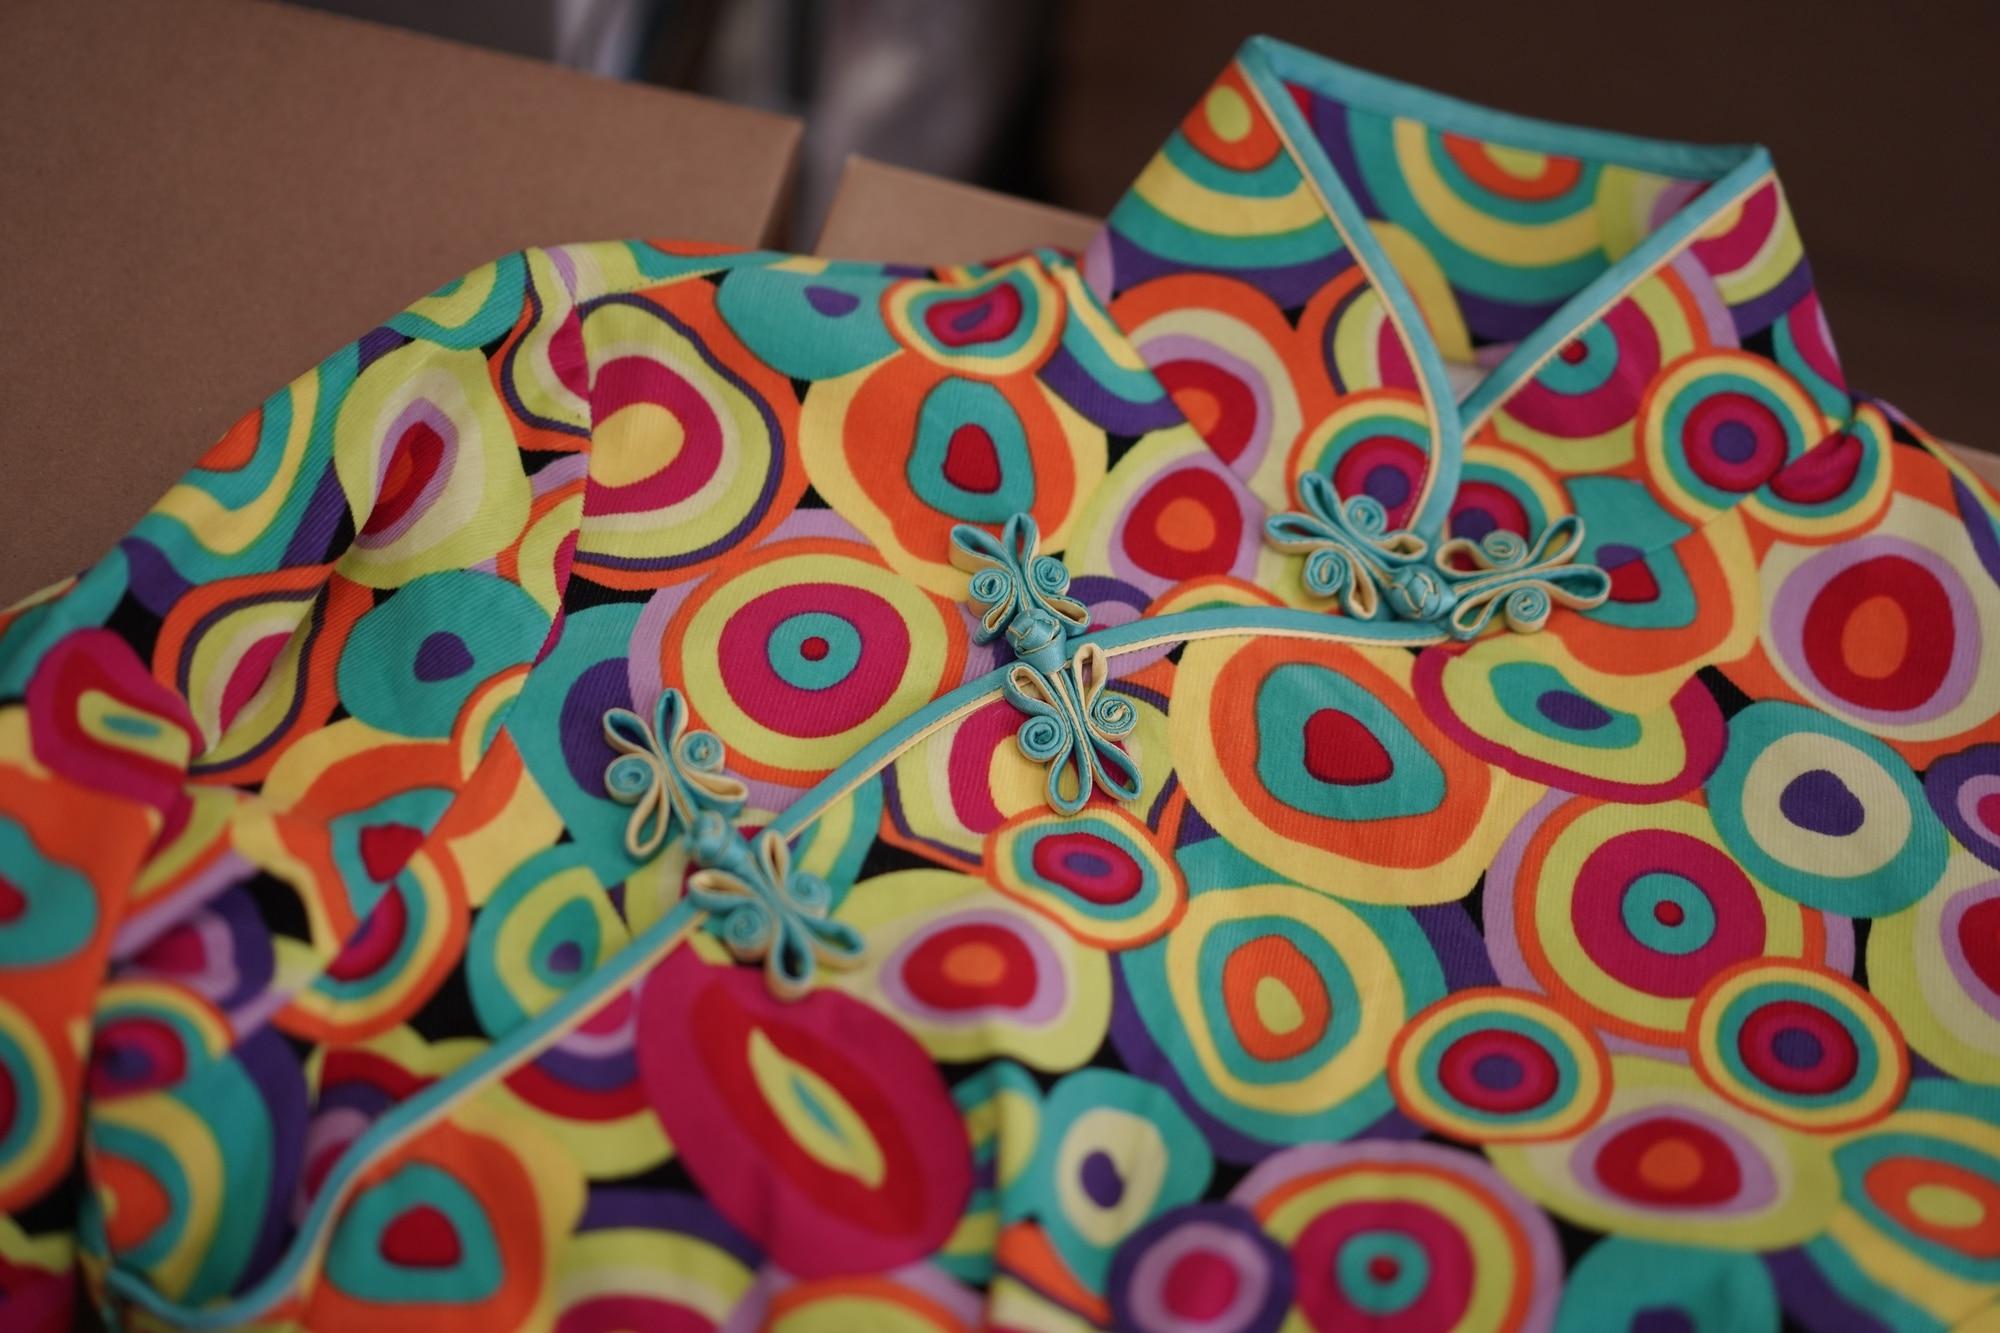 Les boutons noués sont fabriqués à la main par le tailleur de Stacy.